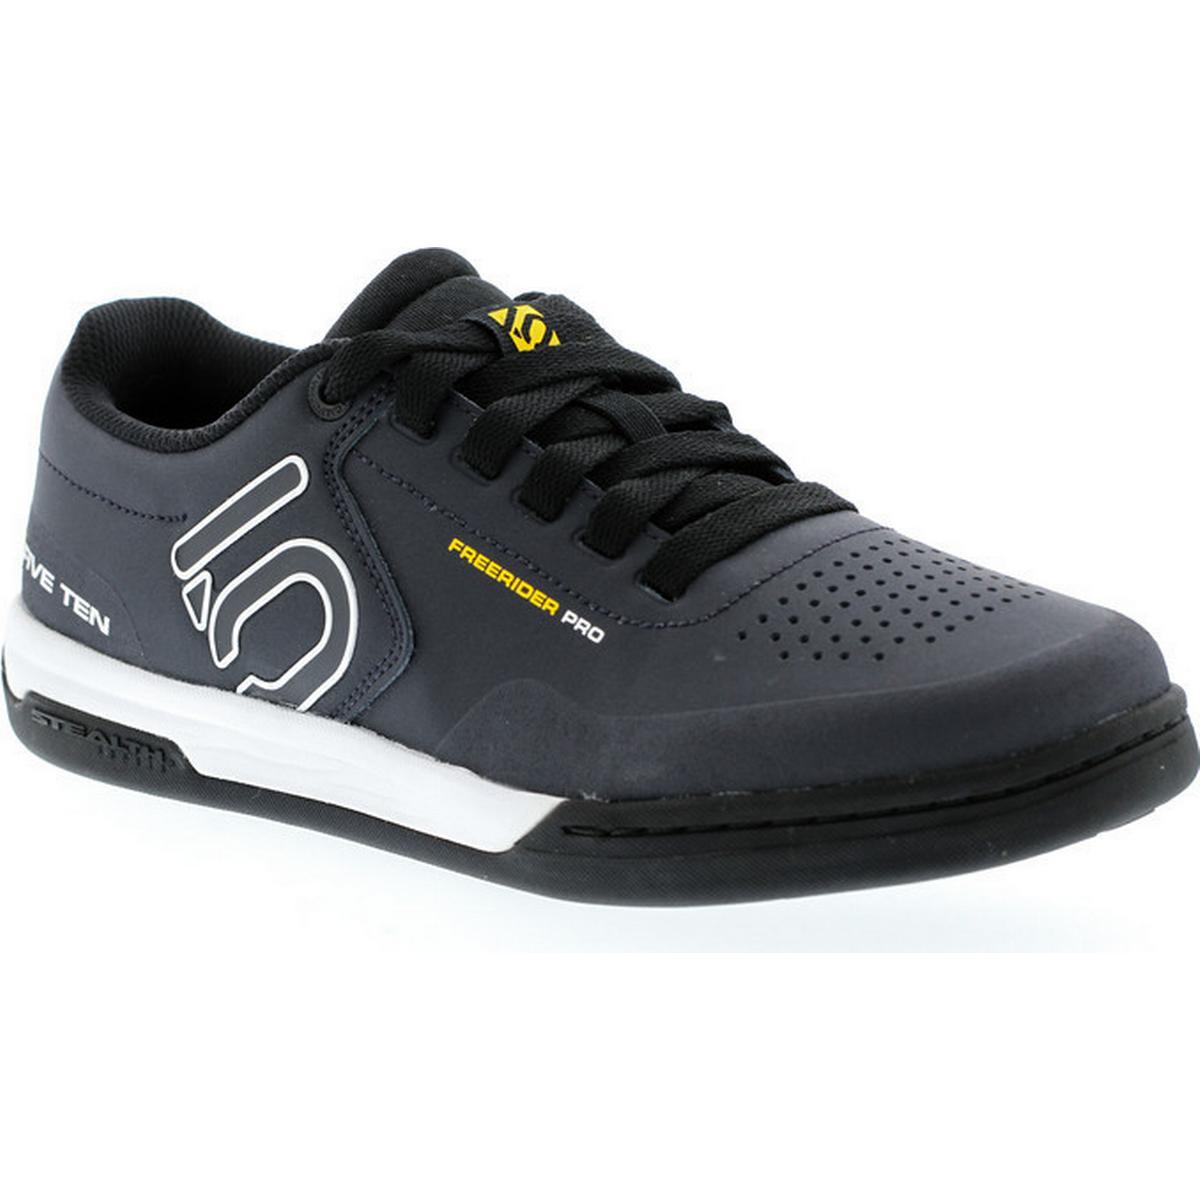 Kob Adidas Five Ten Freerider MTB Sko | Mantel DK